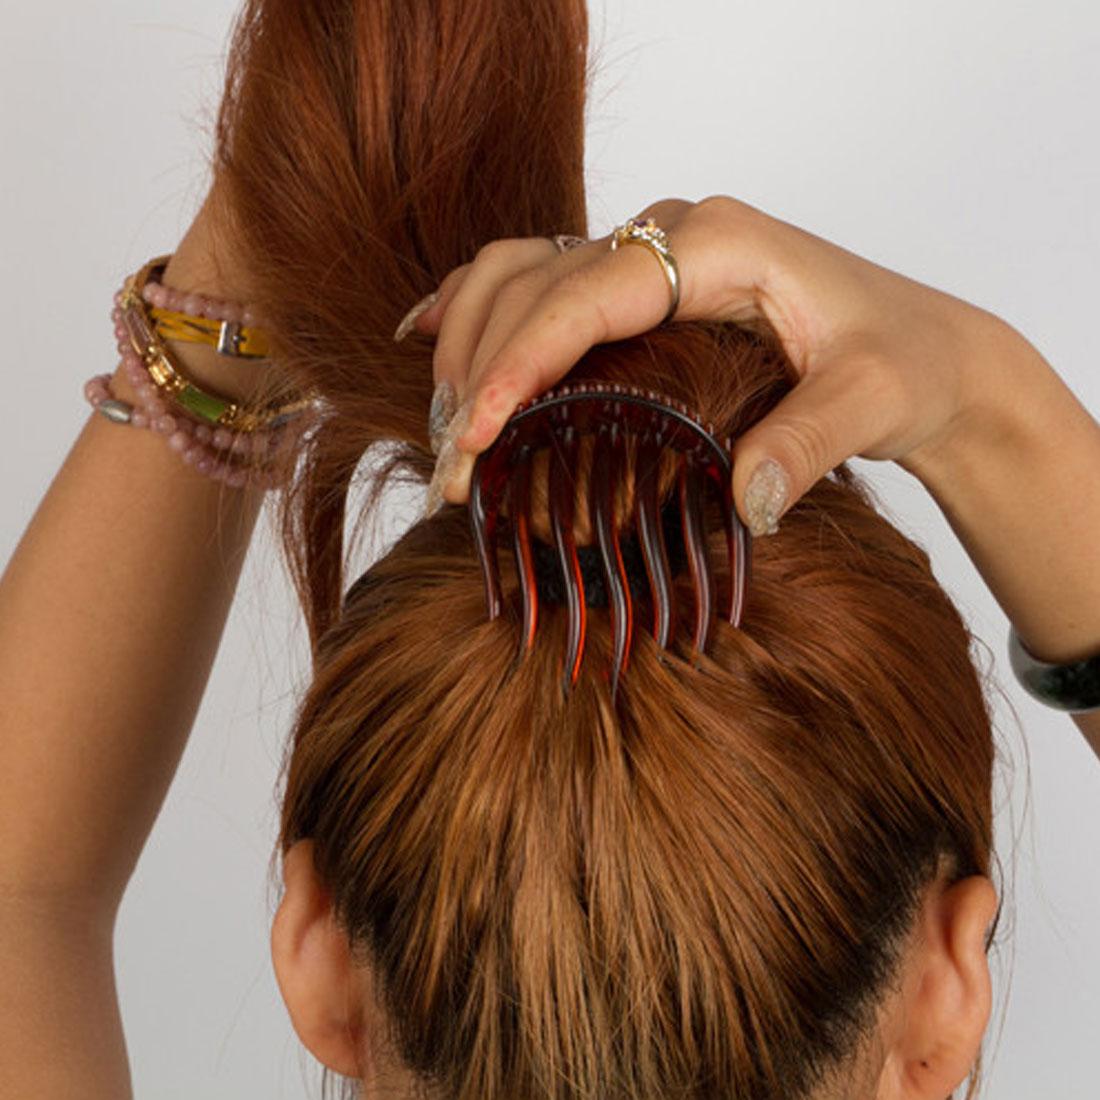 Nouveau utile femmes fille Volume insère pince à cheveux campits Bouffant queue de cheval cheveux peigne Style fabricant bandeau bandeau accessoires